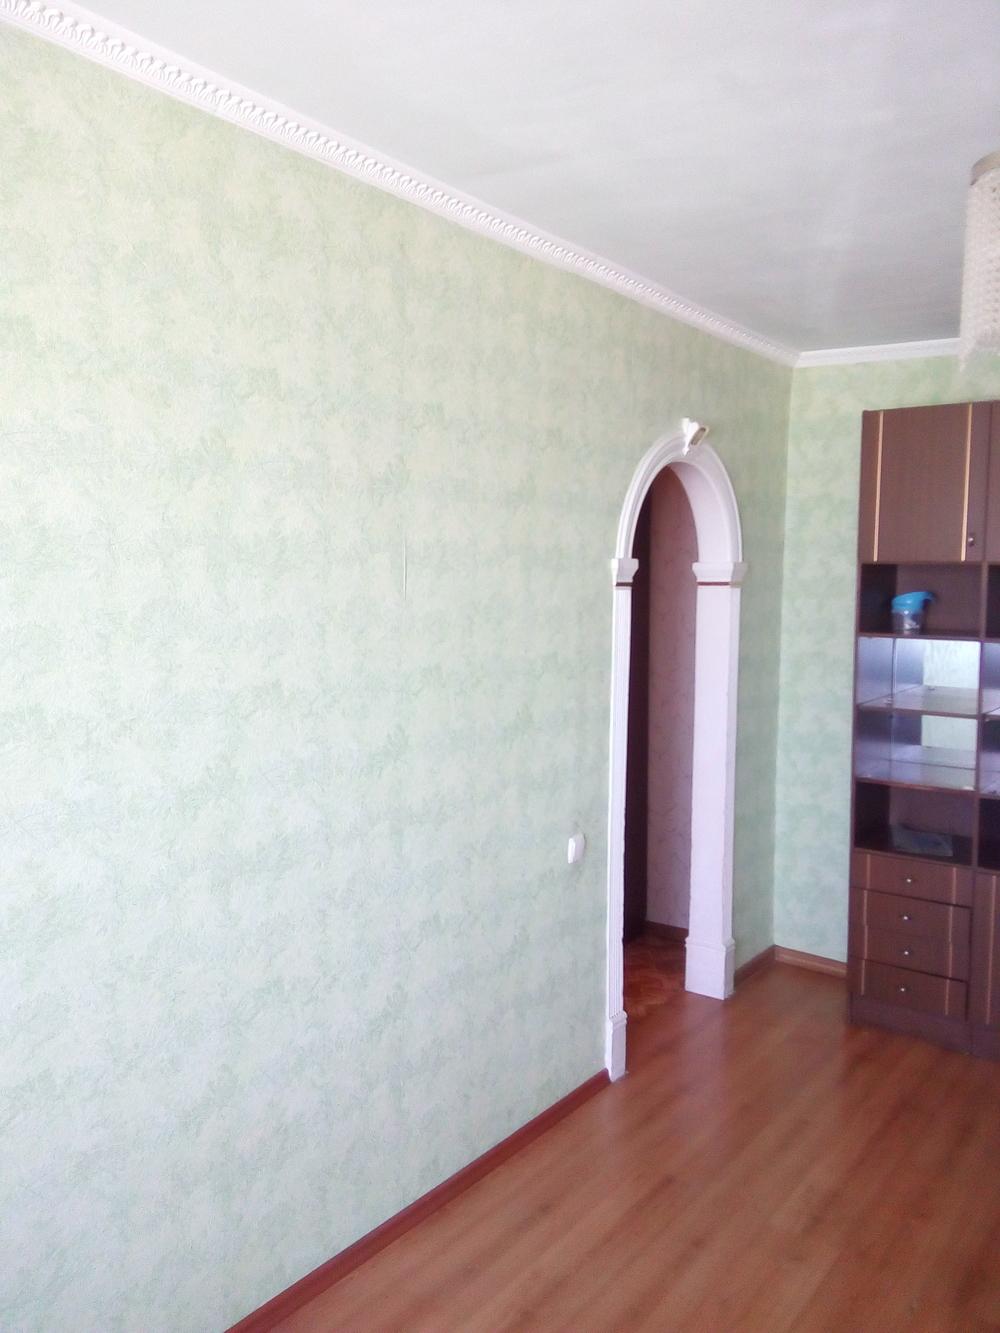 продам 2-х комн. кв. 2 9 эт. 59 кв.м. в шестом мкр-не. чистая, светлая, уютная квартира жд ...